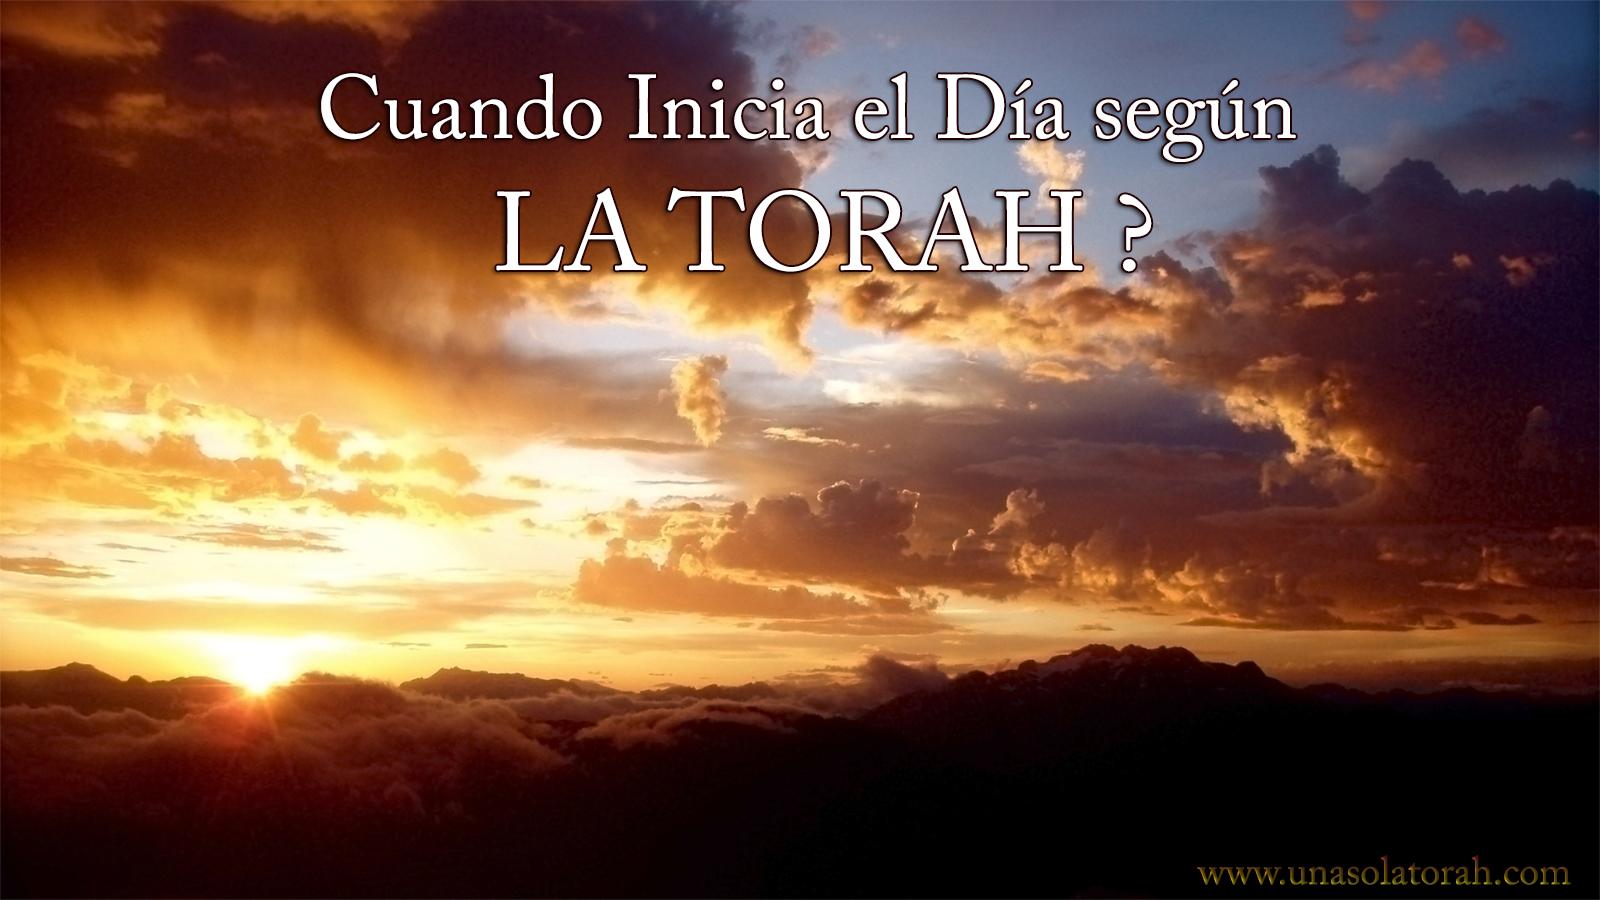 Cuando Inicia El Día según la Toráh?